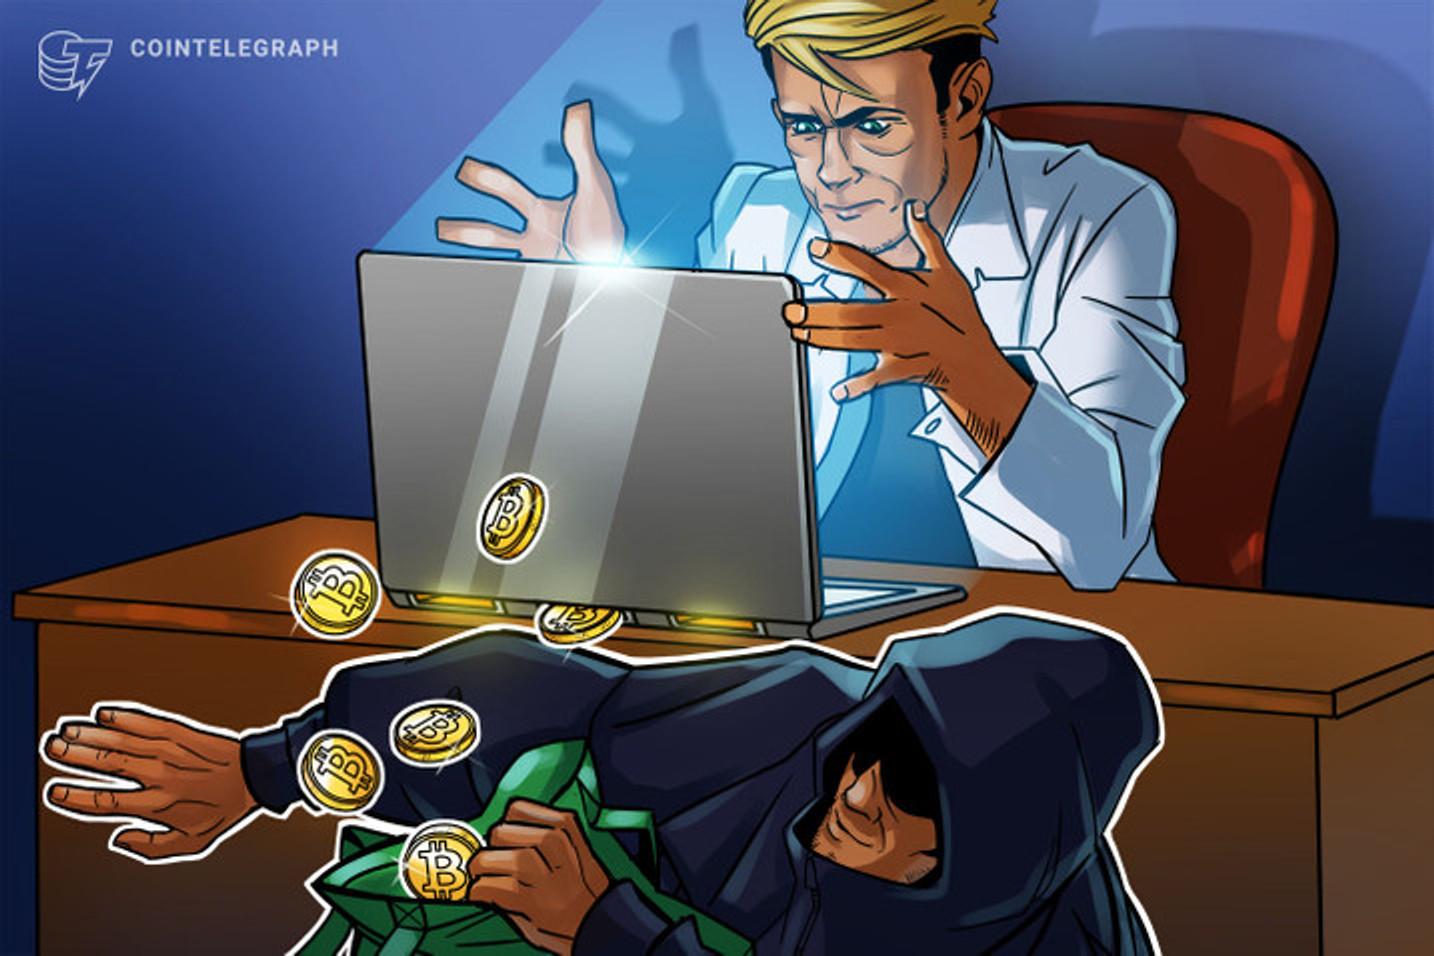 Golpes de extorsão sexual pedindo Bitcoin crescem no Brasil e chegam a 16 mil ataques em um mês